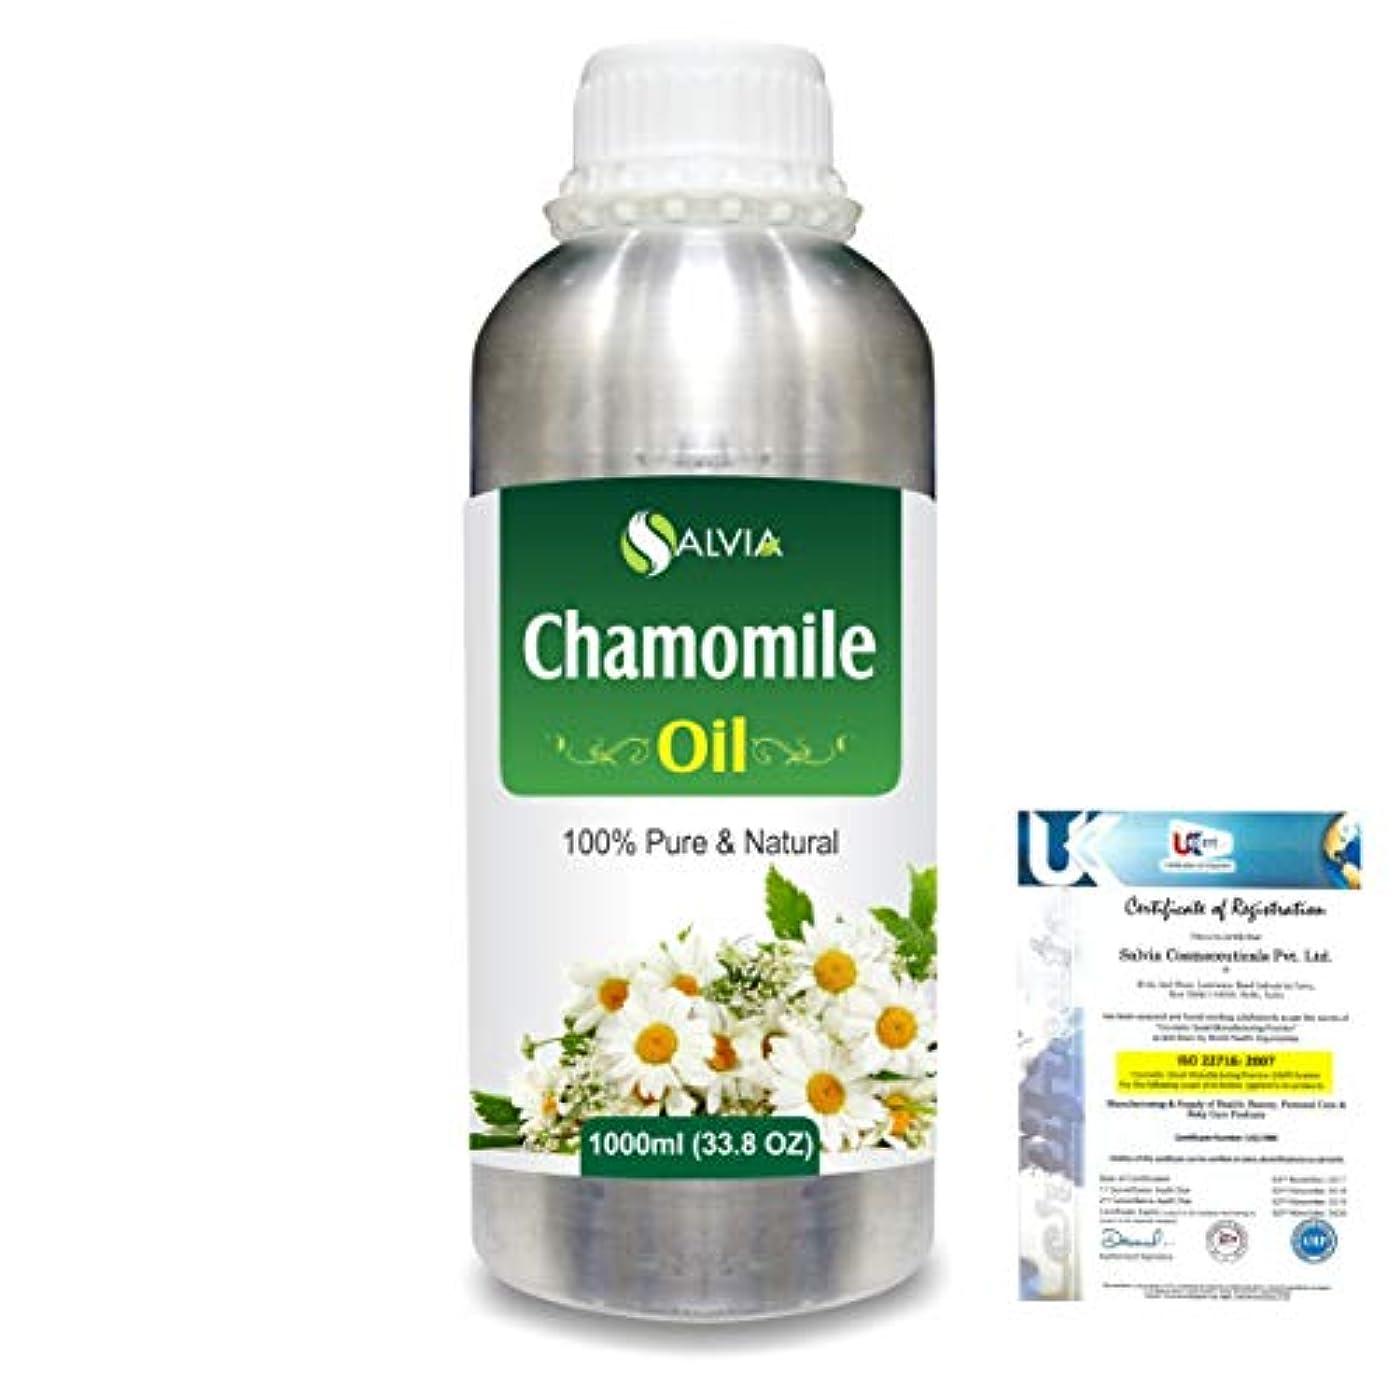 フルーツ野菜に対処する商品Chamomile (Matricaria chamomile) 100% Natural Pure Essential Oil 1000ml/33.8fl.oz.